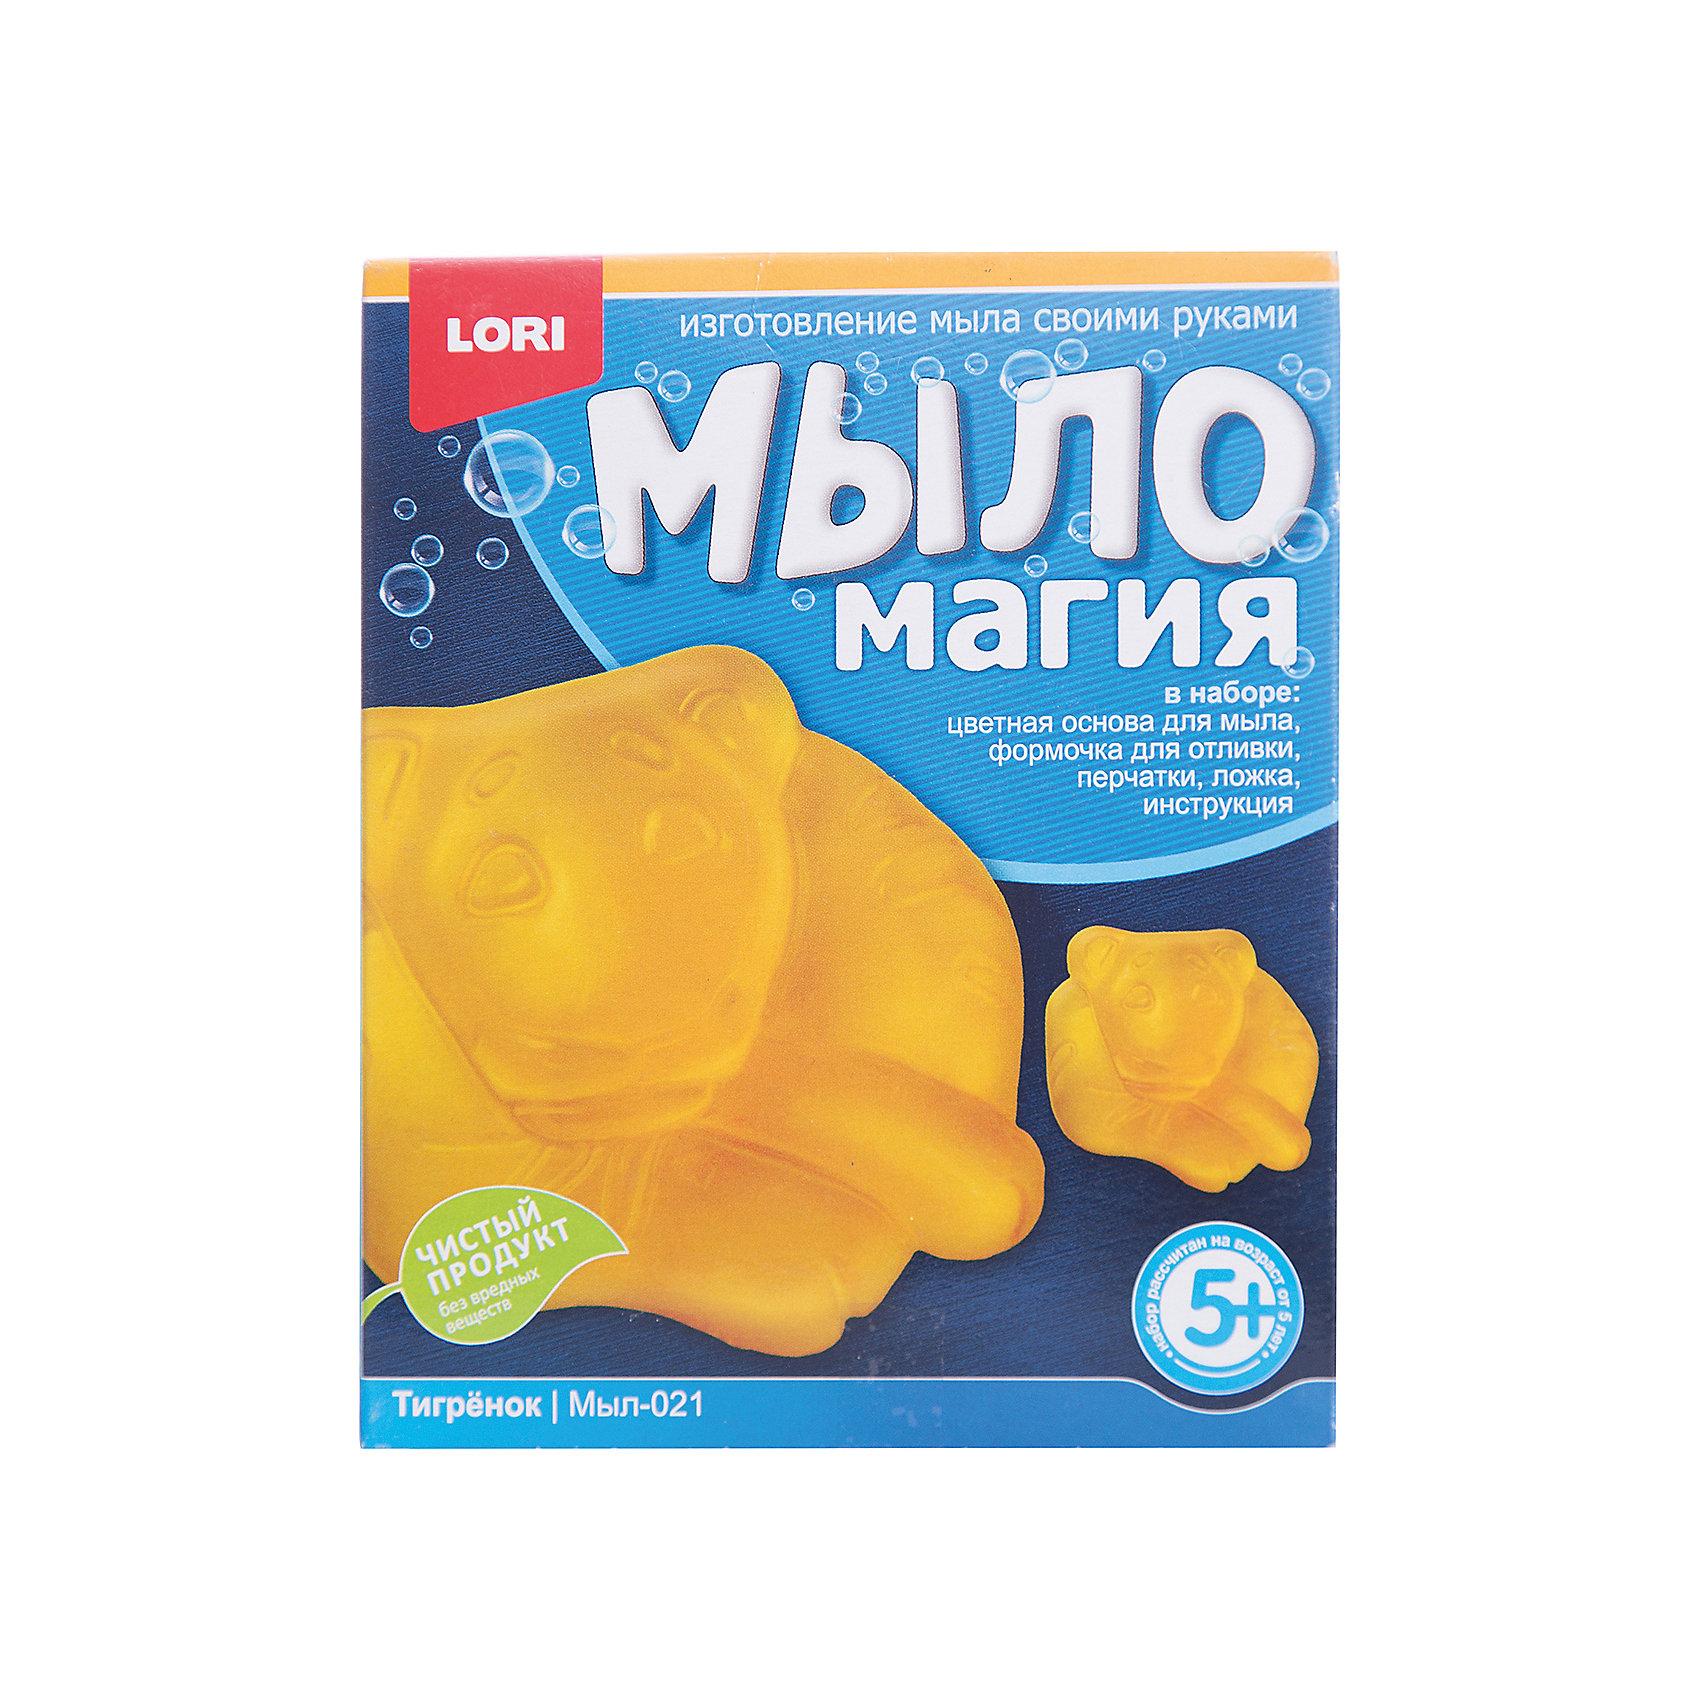 МылоМагия ТигренокСоздание мыла<br>Основа для мыла емкость для растапливания, форма для заливки мыльного раствора, пищевой краситель, пипетка, перчатки, ложка инструкция<br><br>Ширина мм: 40<br>Глубина мм: 135<br>Высота мм: 113<br>Вес г: 350<br>Возраст от месяцев: 60<br>Возраст до месяцев: 84<br>Пол: Унисекс<br>Возраст: Детский<br>SKU: 5032305